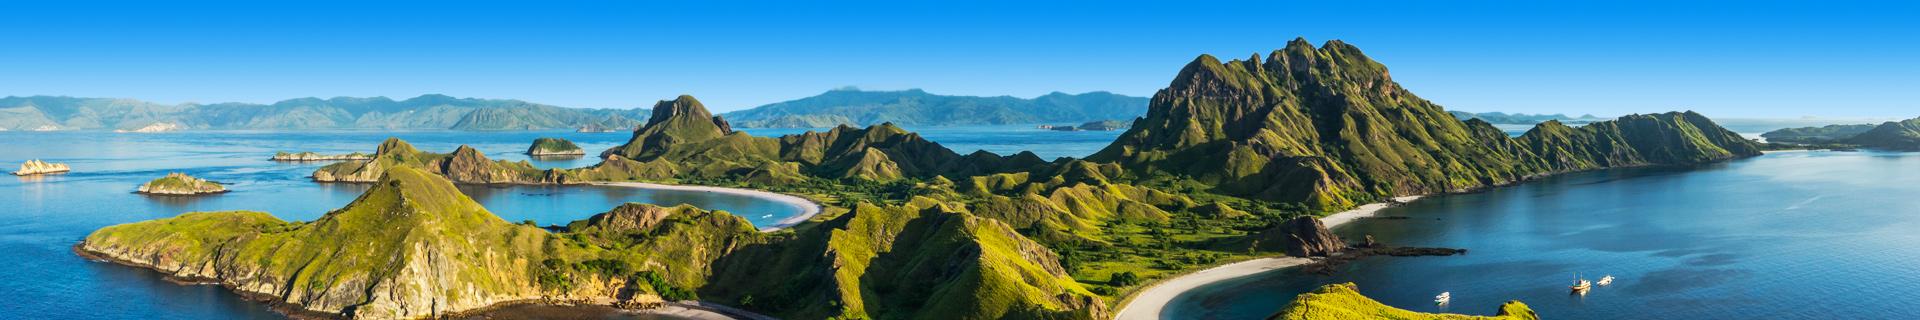 Prachtig natuurlandschap van Indonesie